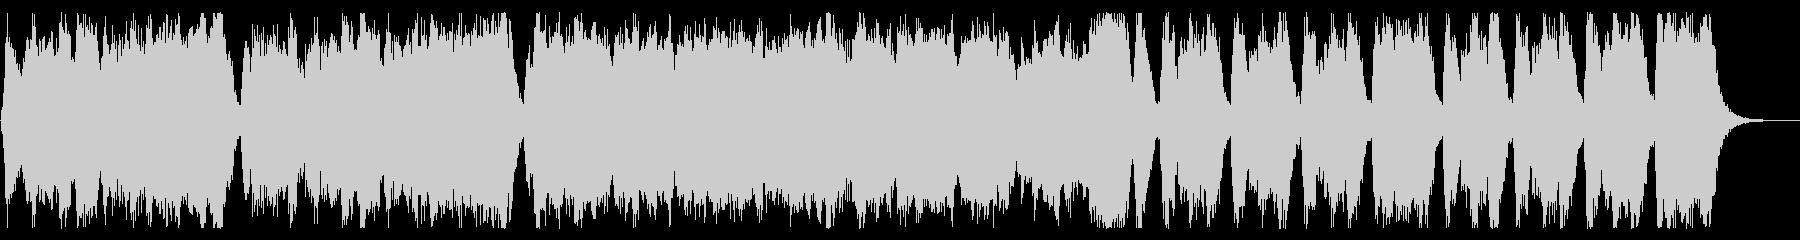 熱い金管楽器の旋律の未再生の波形